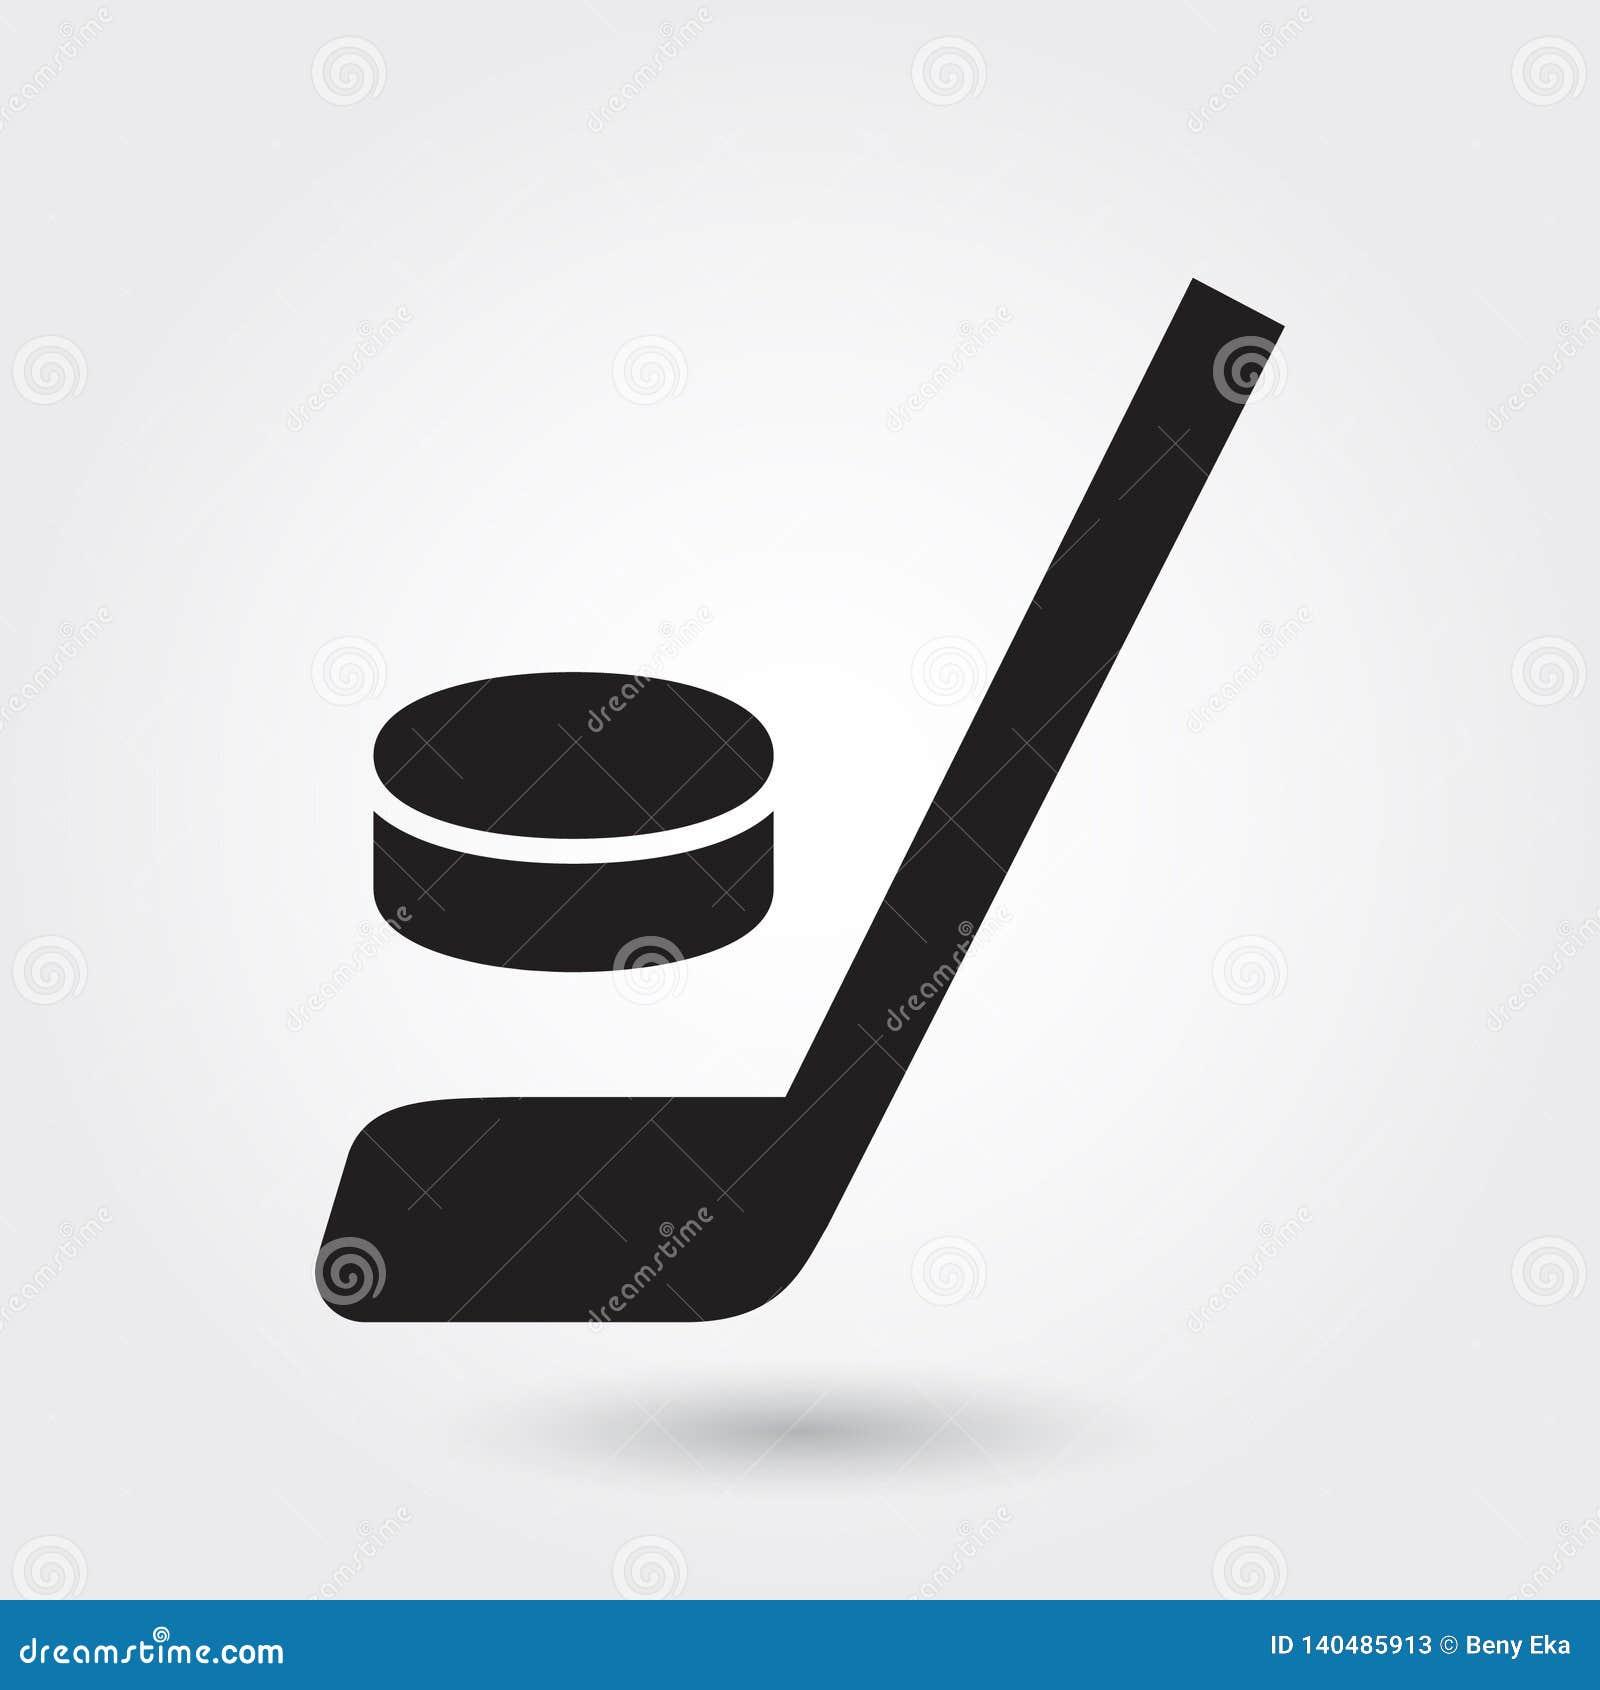 Hockeyvektorikone, Hockeyschlägerikone, Hockeysportsymbol Moderner, einfacher Glyph, feste Vektorillustration